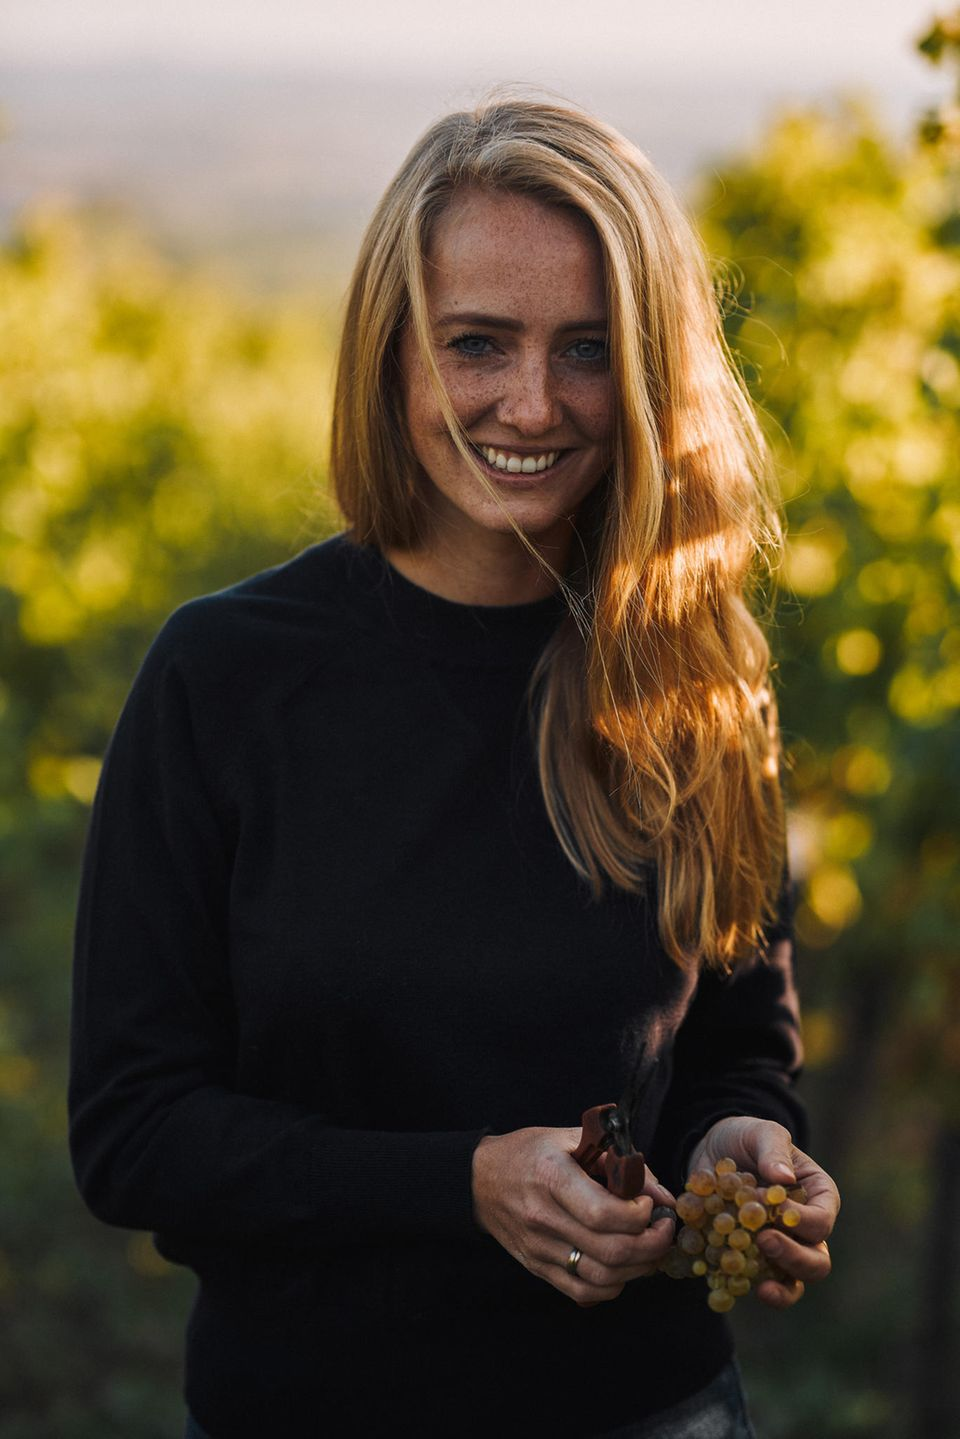 Juliane Eller   stieg mit23 Jahren als Winzerin in das Unternehmen ihrer Eltern ein. Sie gründete ihre eigene Wein-Marke - Juwel-Weine - und übernahm bald den ganzen Betrieb. Nachhaltigkeit ist ihr enorm wichtig.